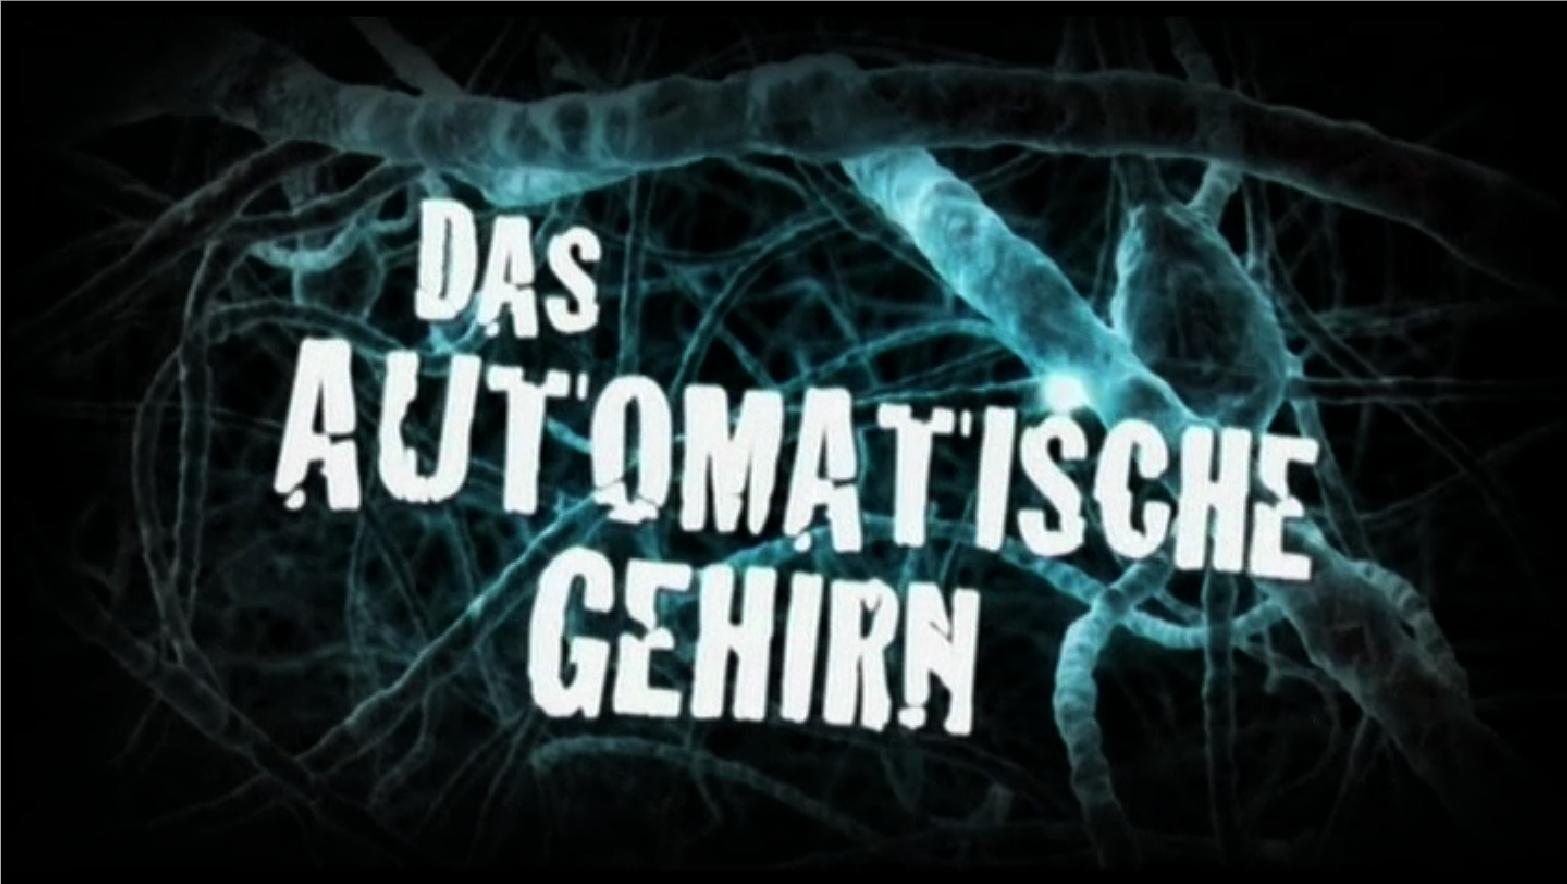 Fig. 2: DAS AUTOMATISCHE GEHIRN, D 2011, Directors: F. D'Amicis, P. Höfer, F. Röckenhaus.